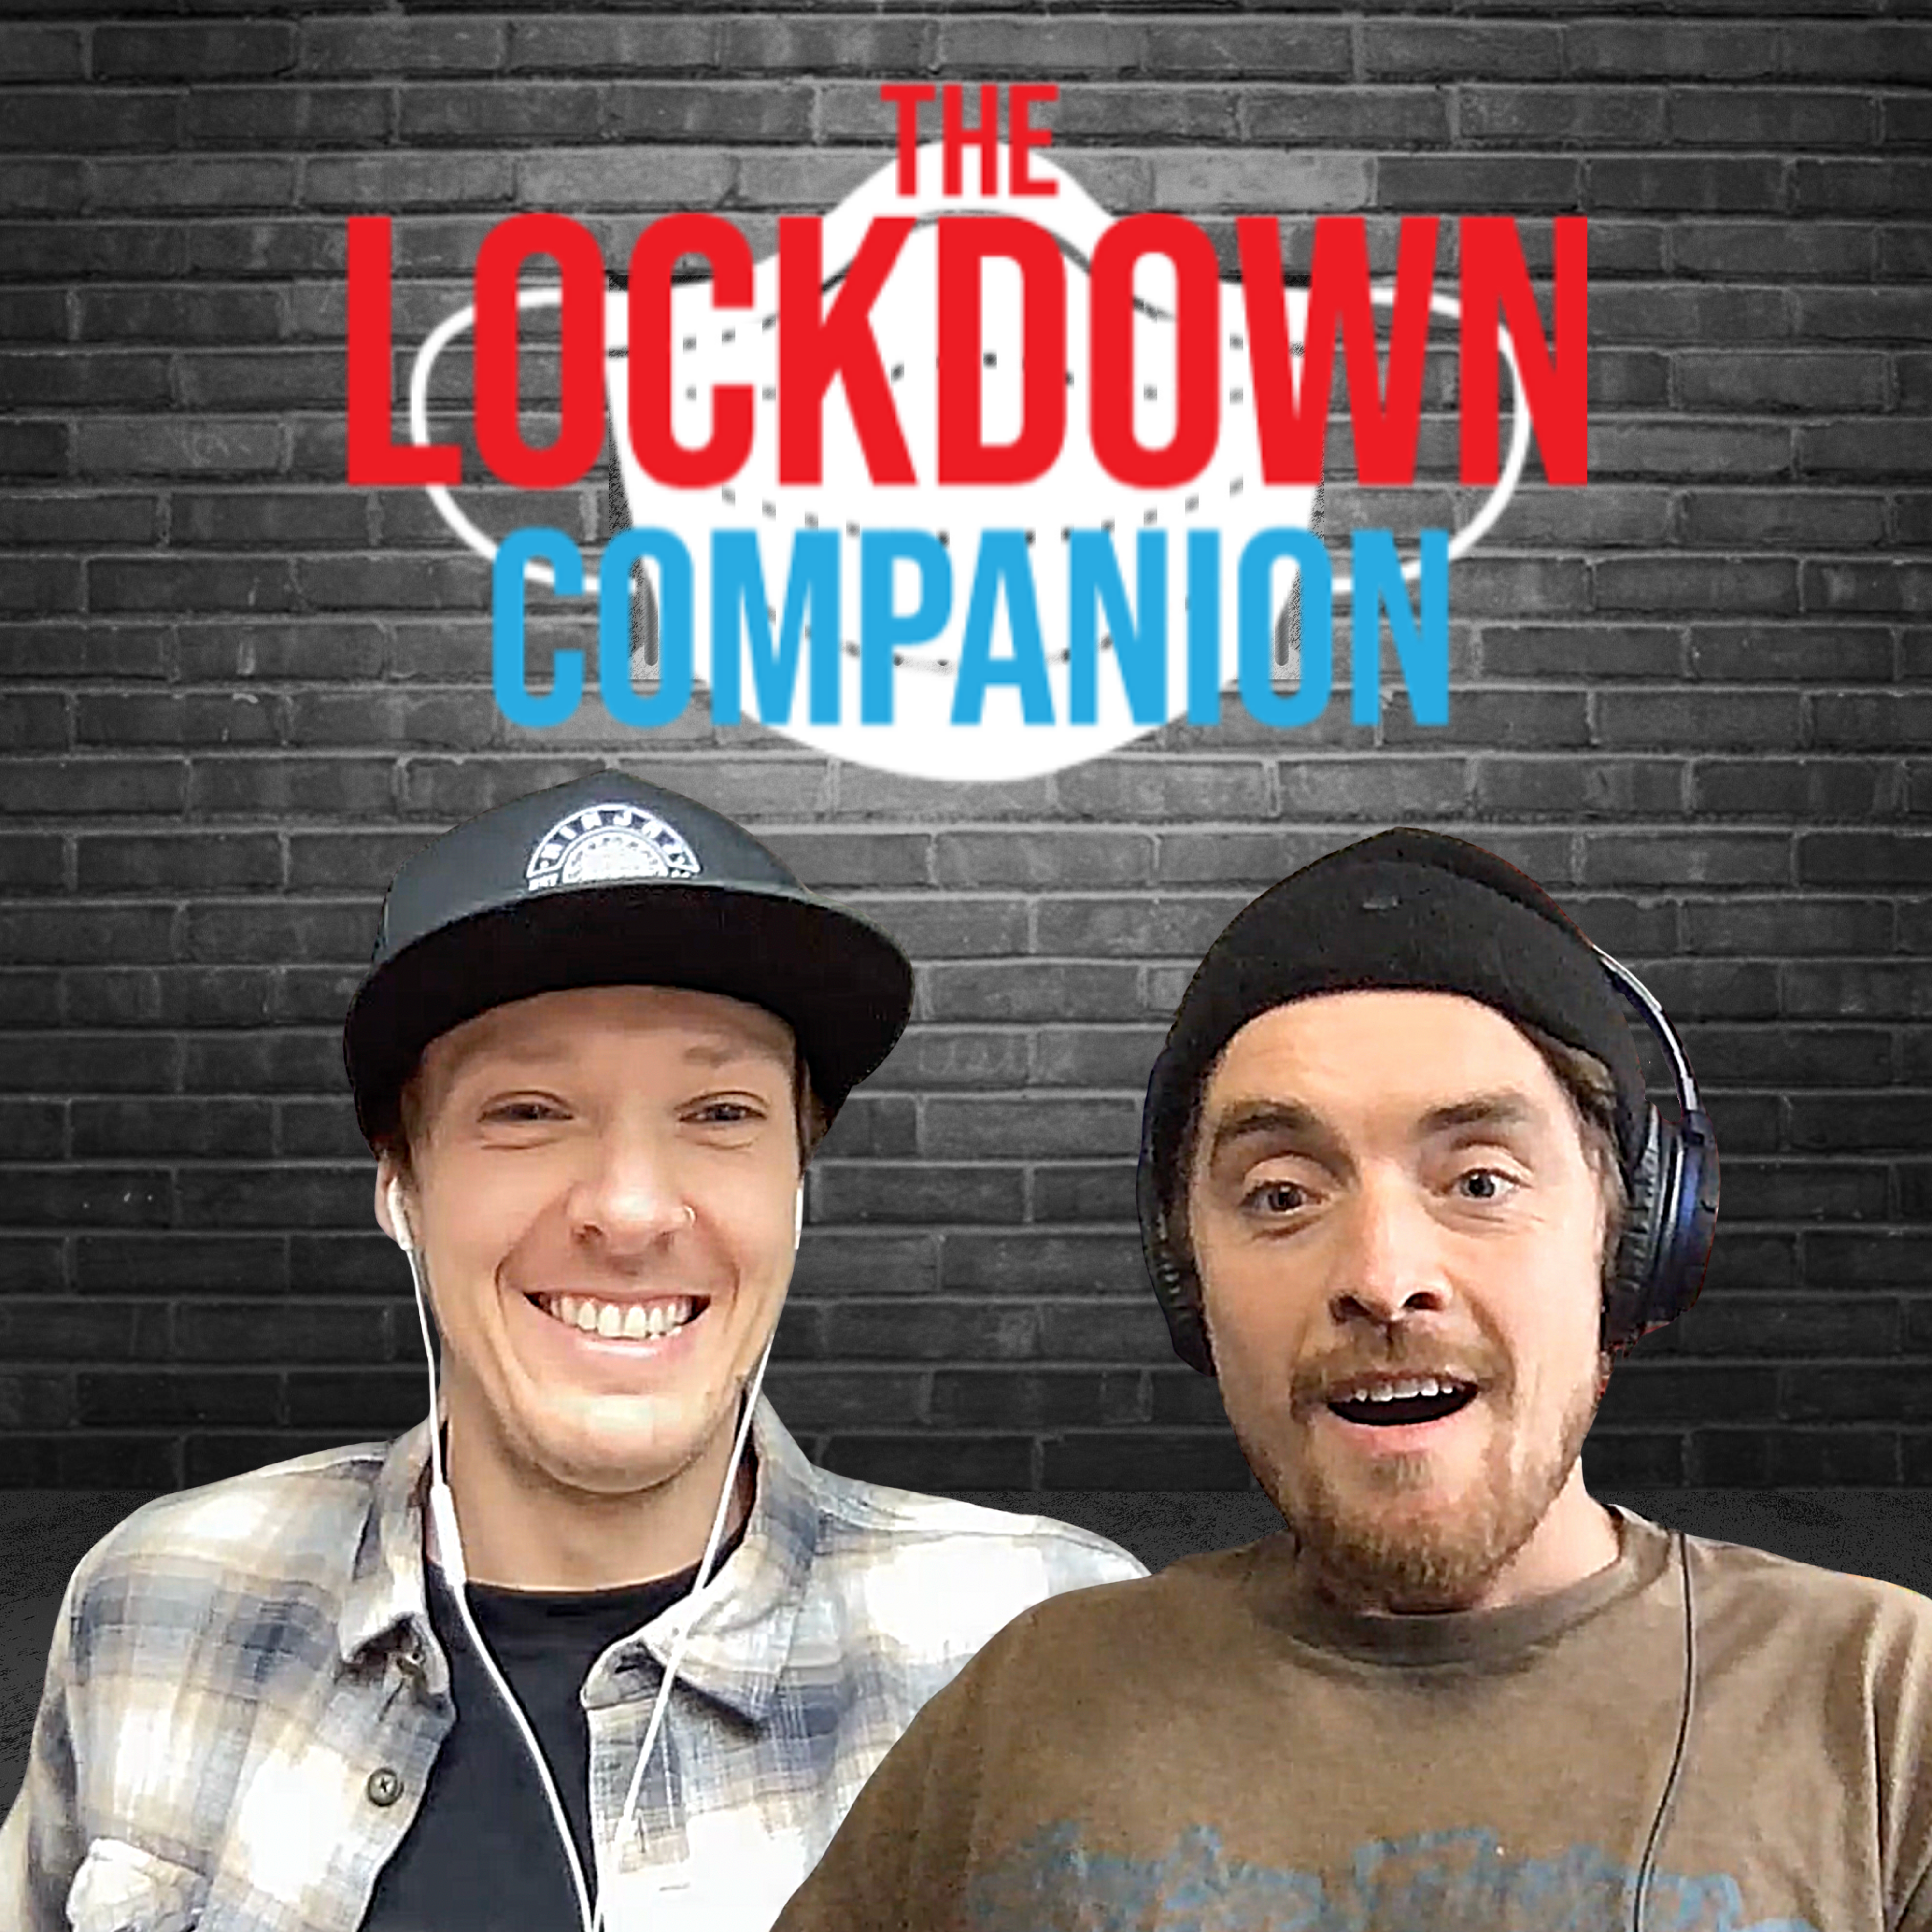 The Lockdown Companion Vol20 🔐